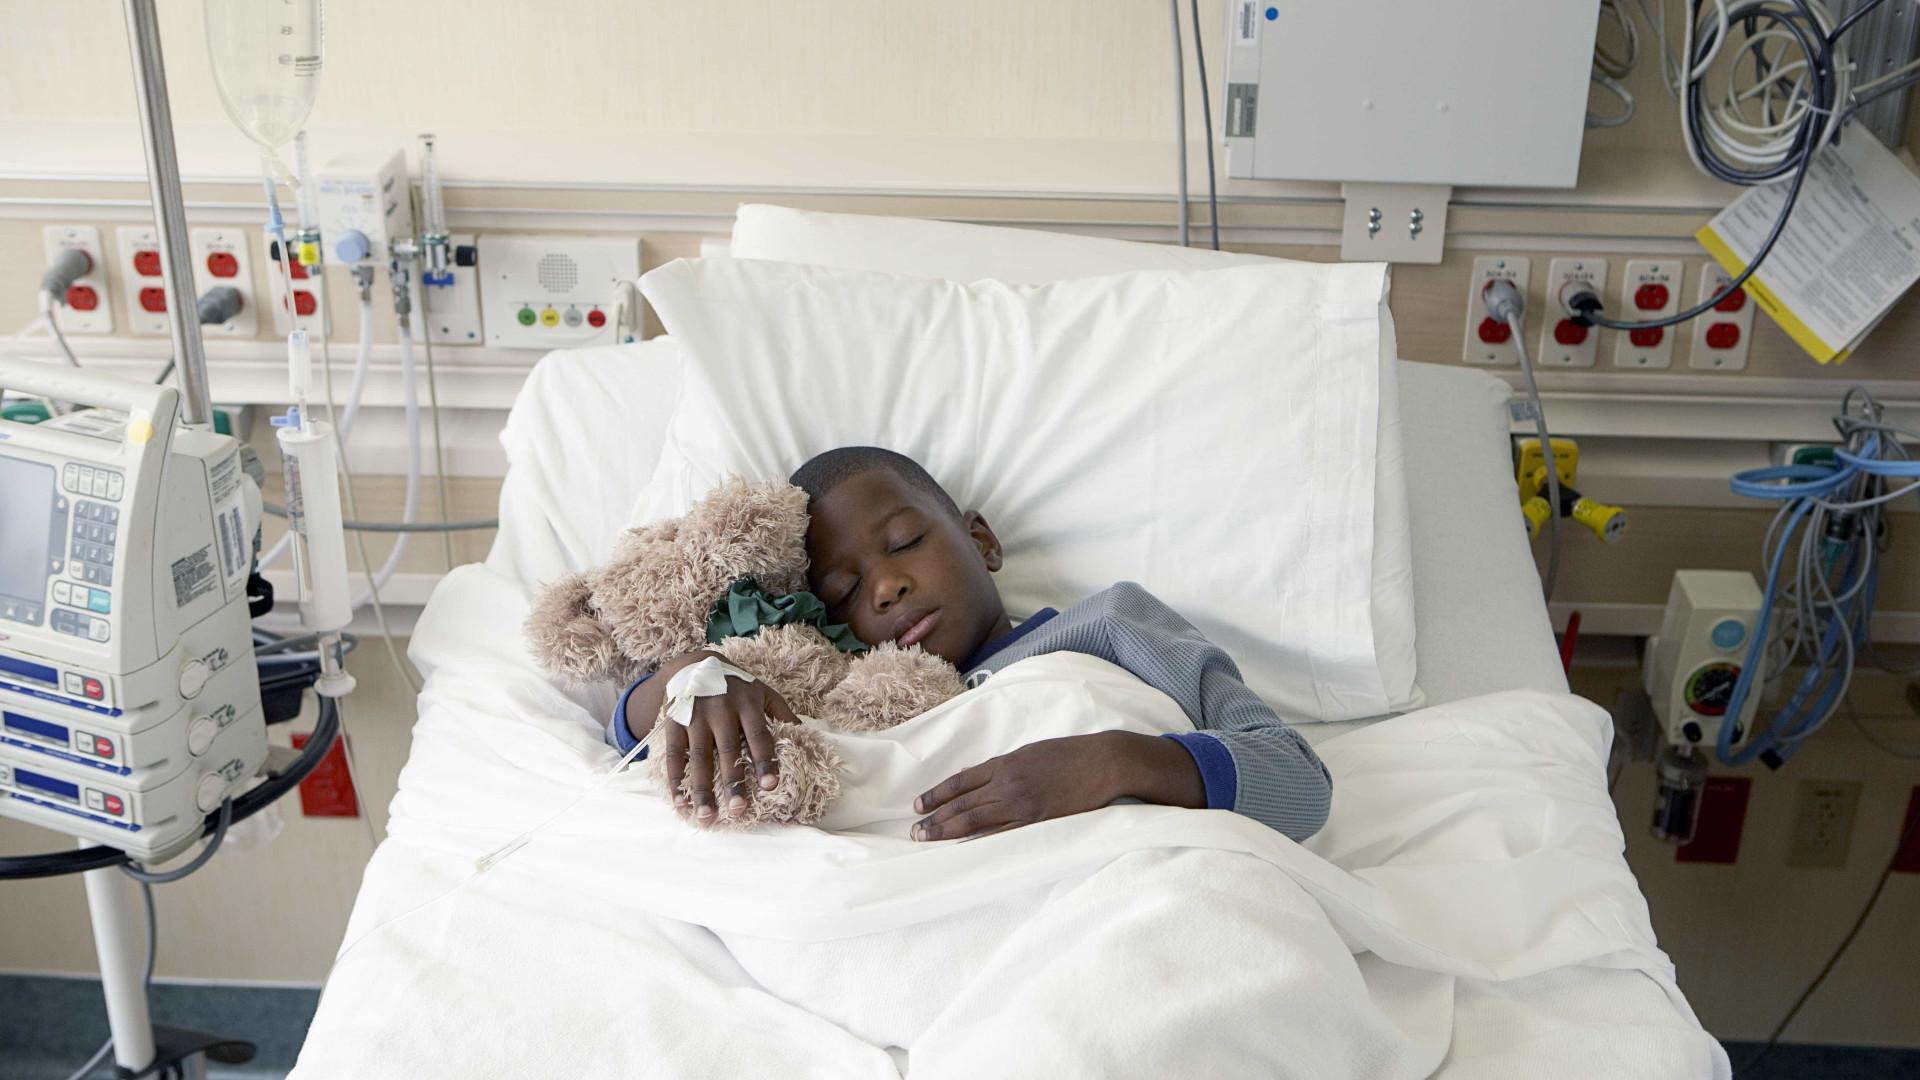 Ouvir história reduz dor de criança na UTI, diz estudo